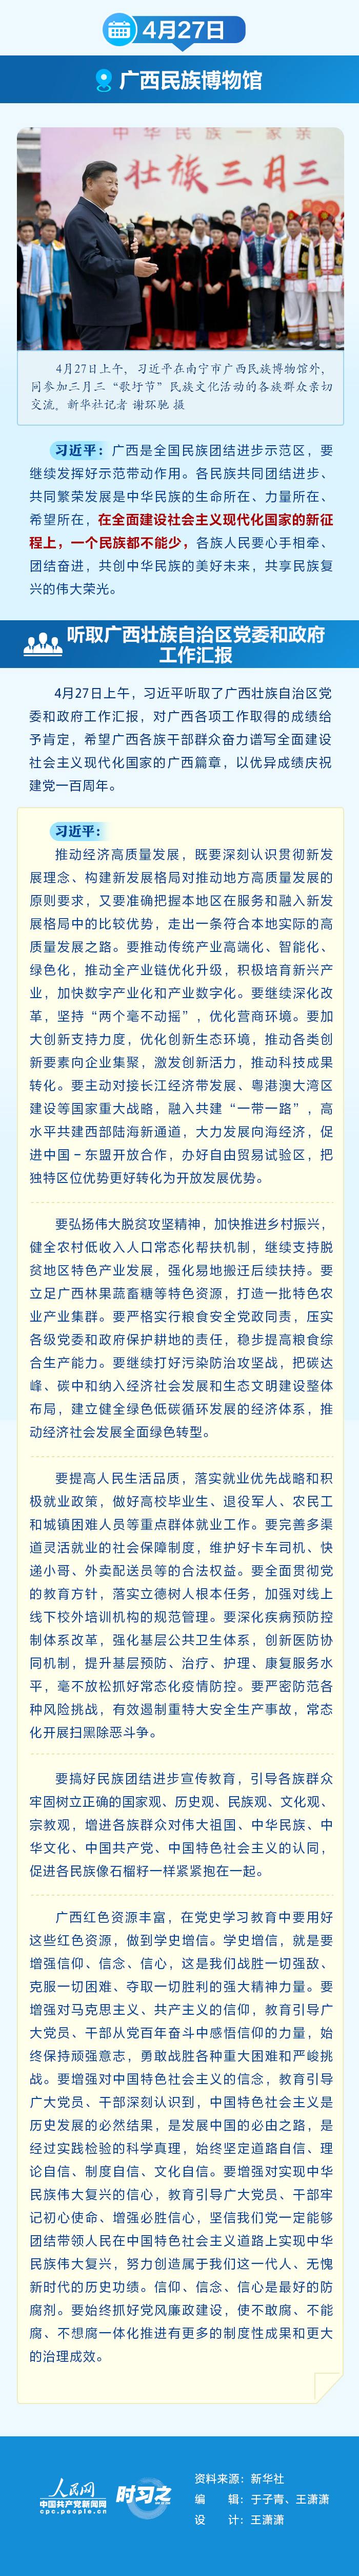 """海南seo_让人民生涯幸福是""""国之大者"""" 习近平赴广西考察全纪录插图2"""